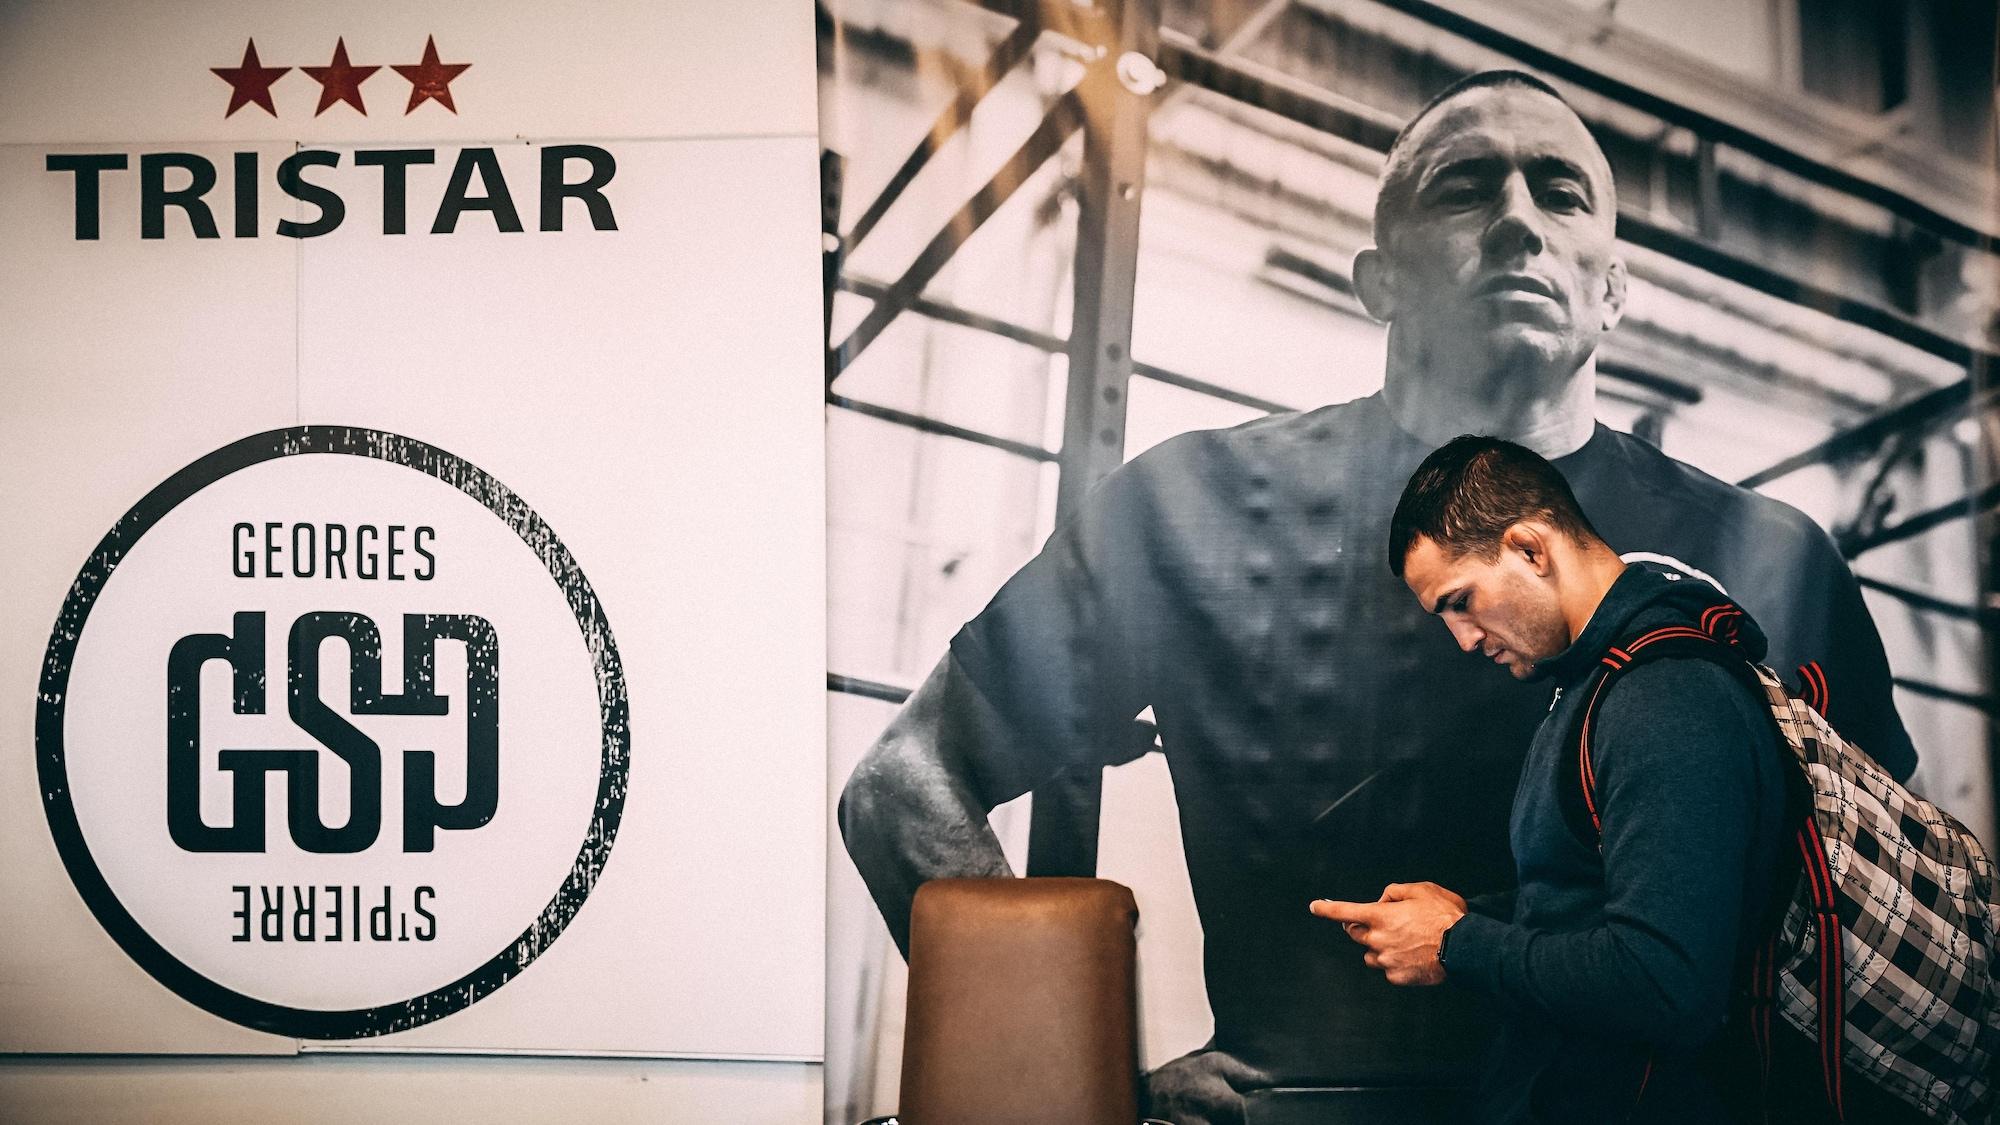 Mirsad Bektic consulte son téléphone en marchant devant une affiche montrant George St-Pierre.